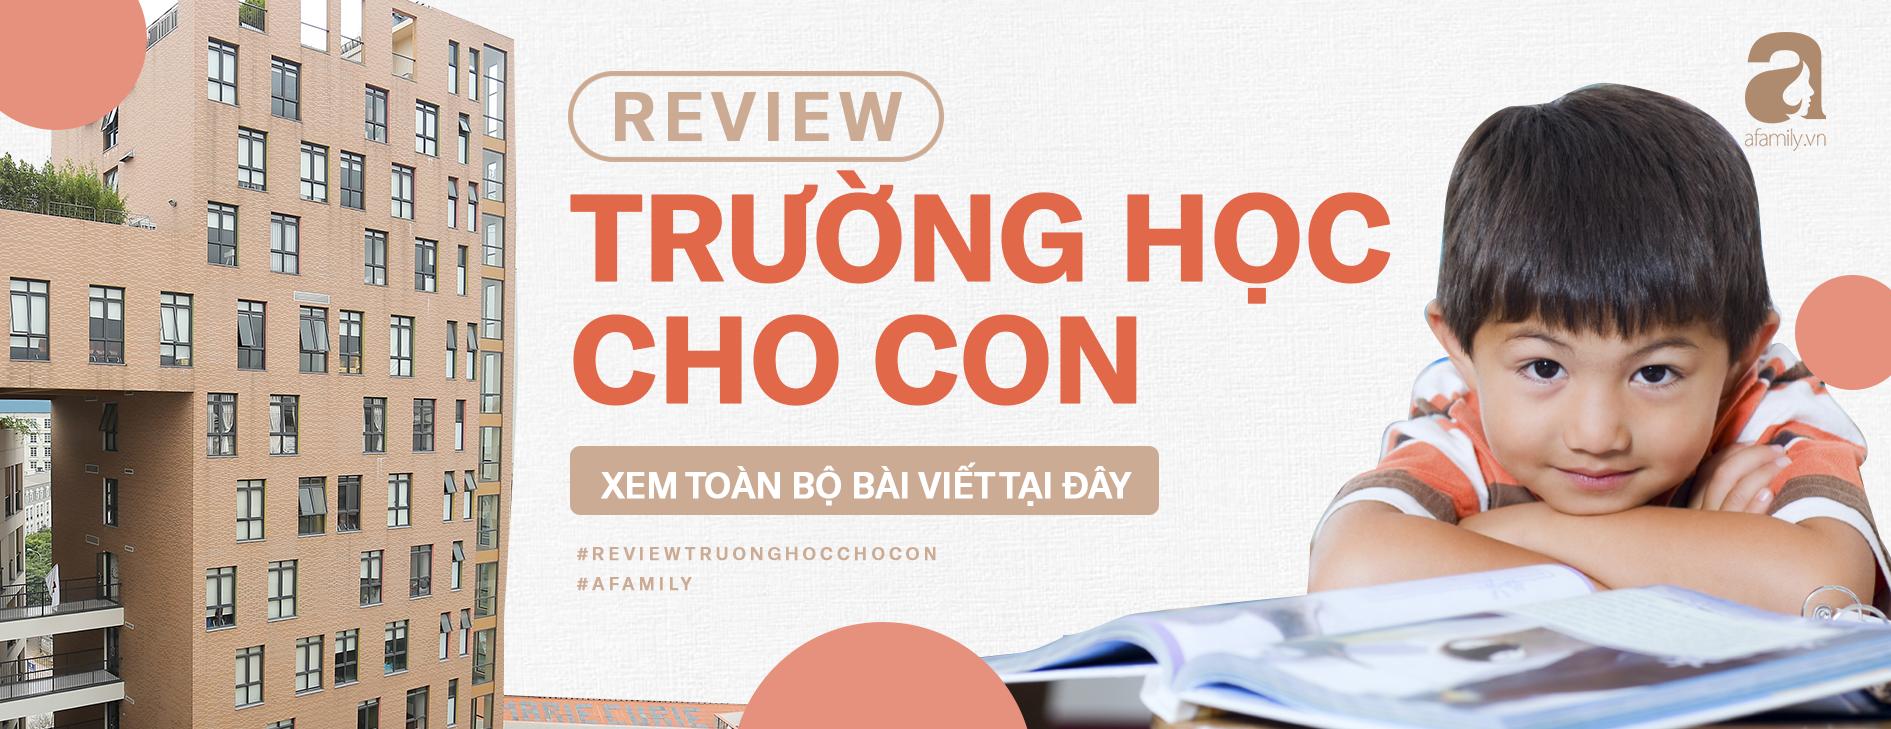 Cận cảnh khu nội trú của trường chuẩn quốc tế ở Hà Nội, mức học phí nửa tỷ/năm    - Ảnh 9.